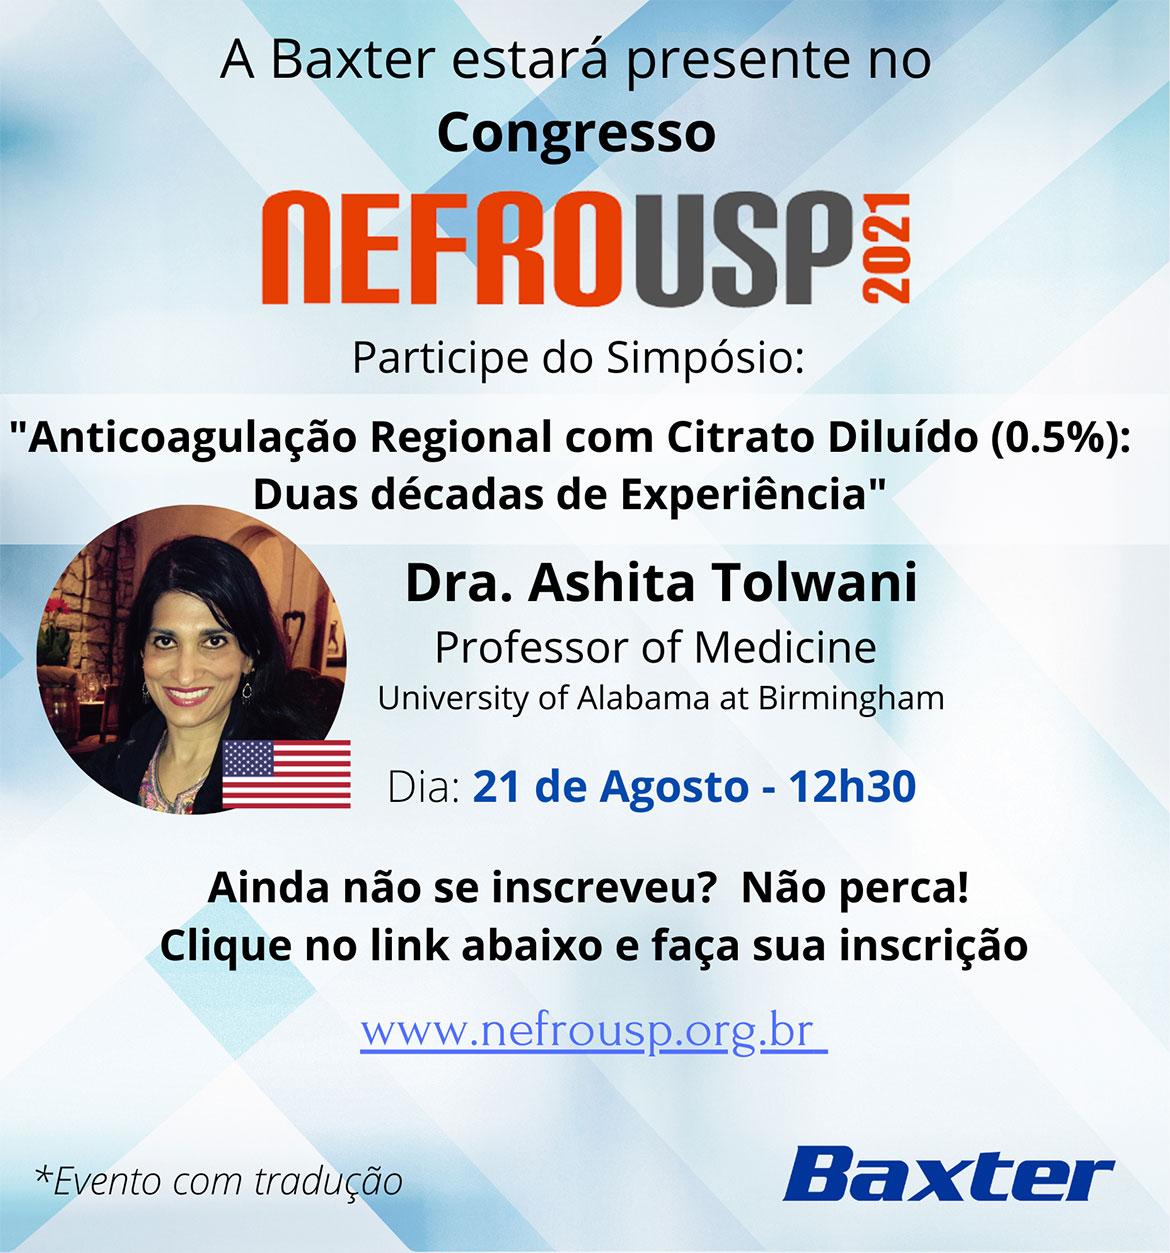 Simpósio Baxter - Anticoagulação  Regional com Citrato Diluído (0.5%): Duas décadas de Experiência - Dra. Ashita Tolwani - 20/08